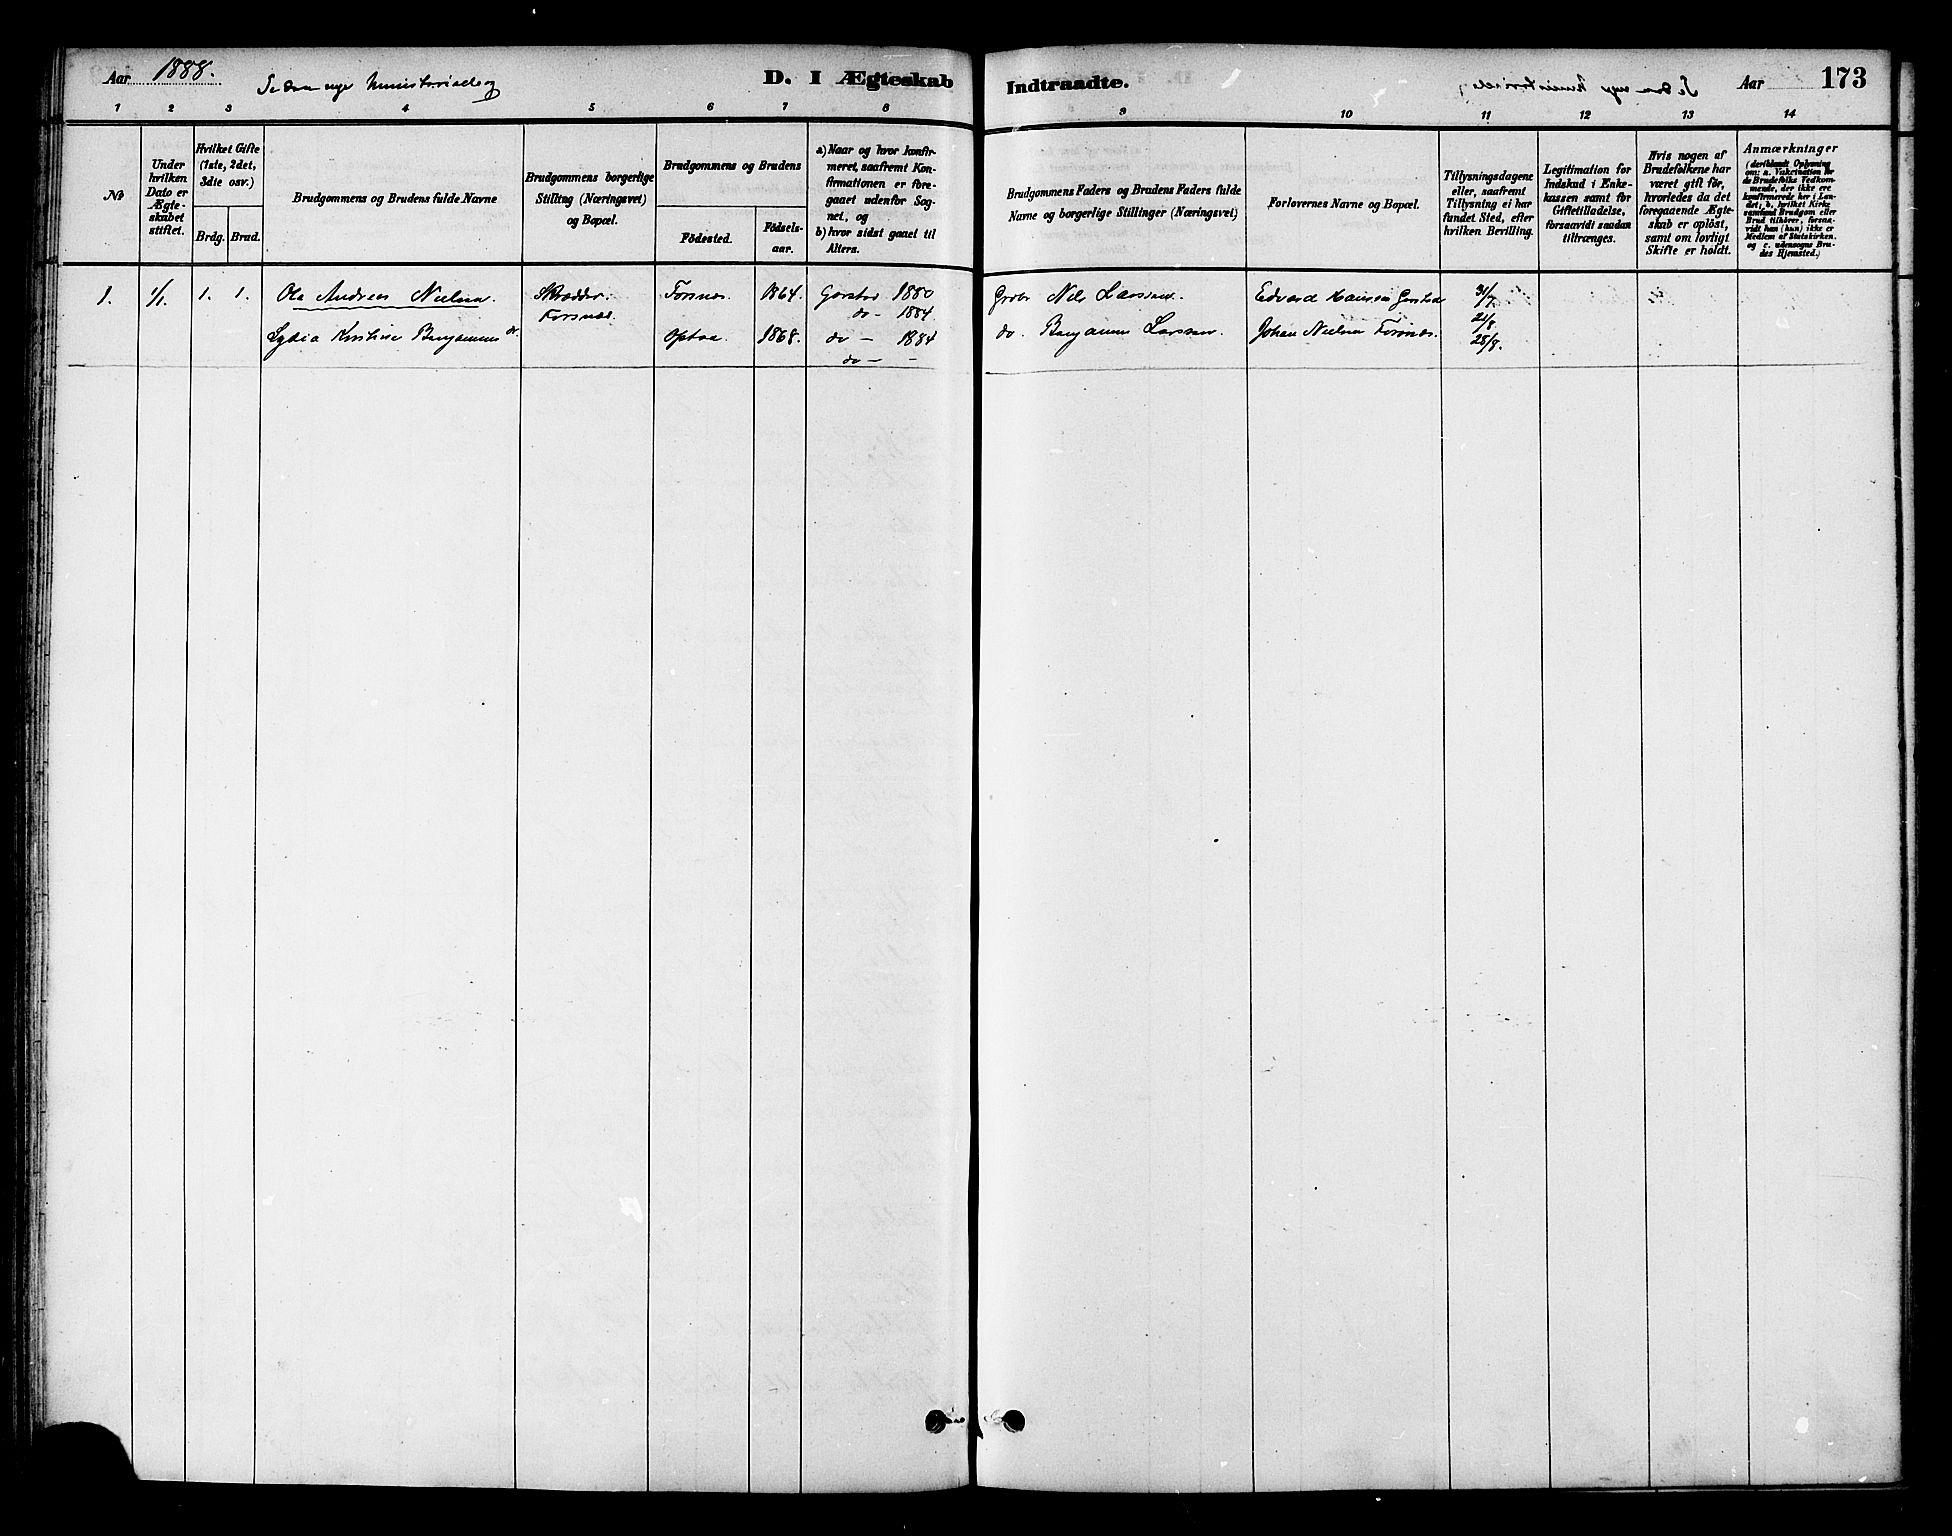 SAT, Ministerialprotokoller, klokkerbøker og fødselsregistre - Nord-Trøndelag, 786/L0686: Ministerialbok nr. 786A02, 1880-1887, s. 173